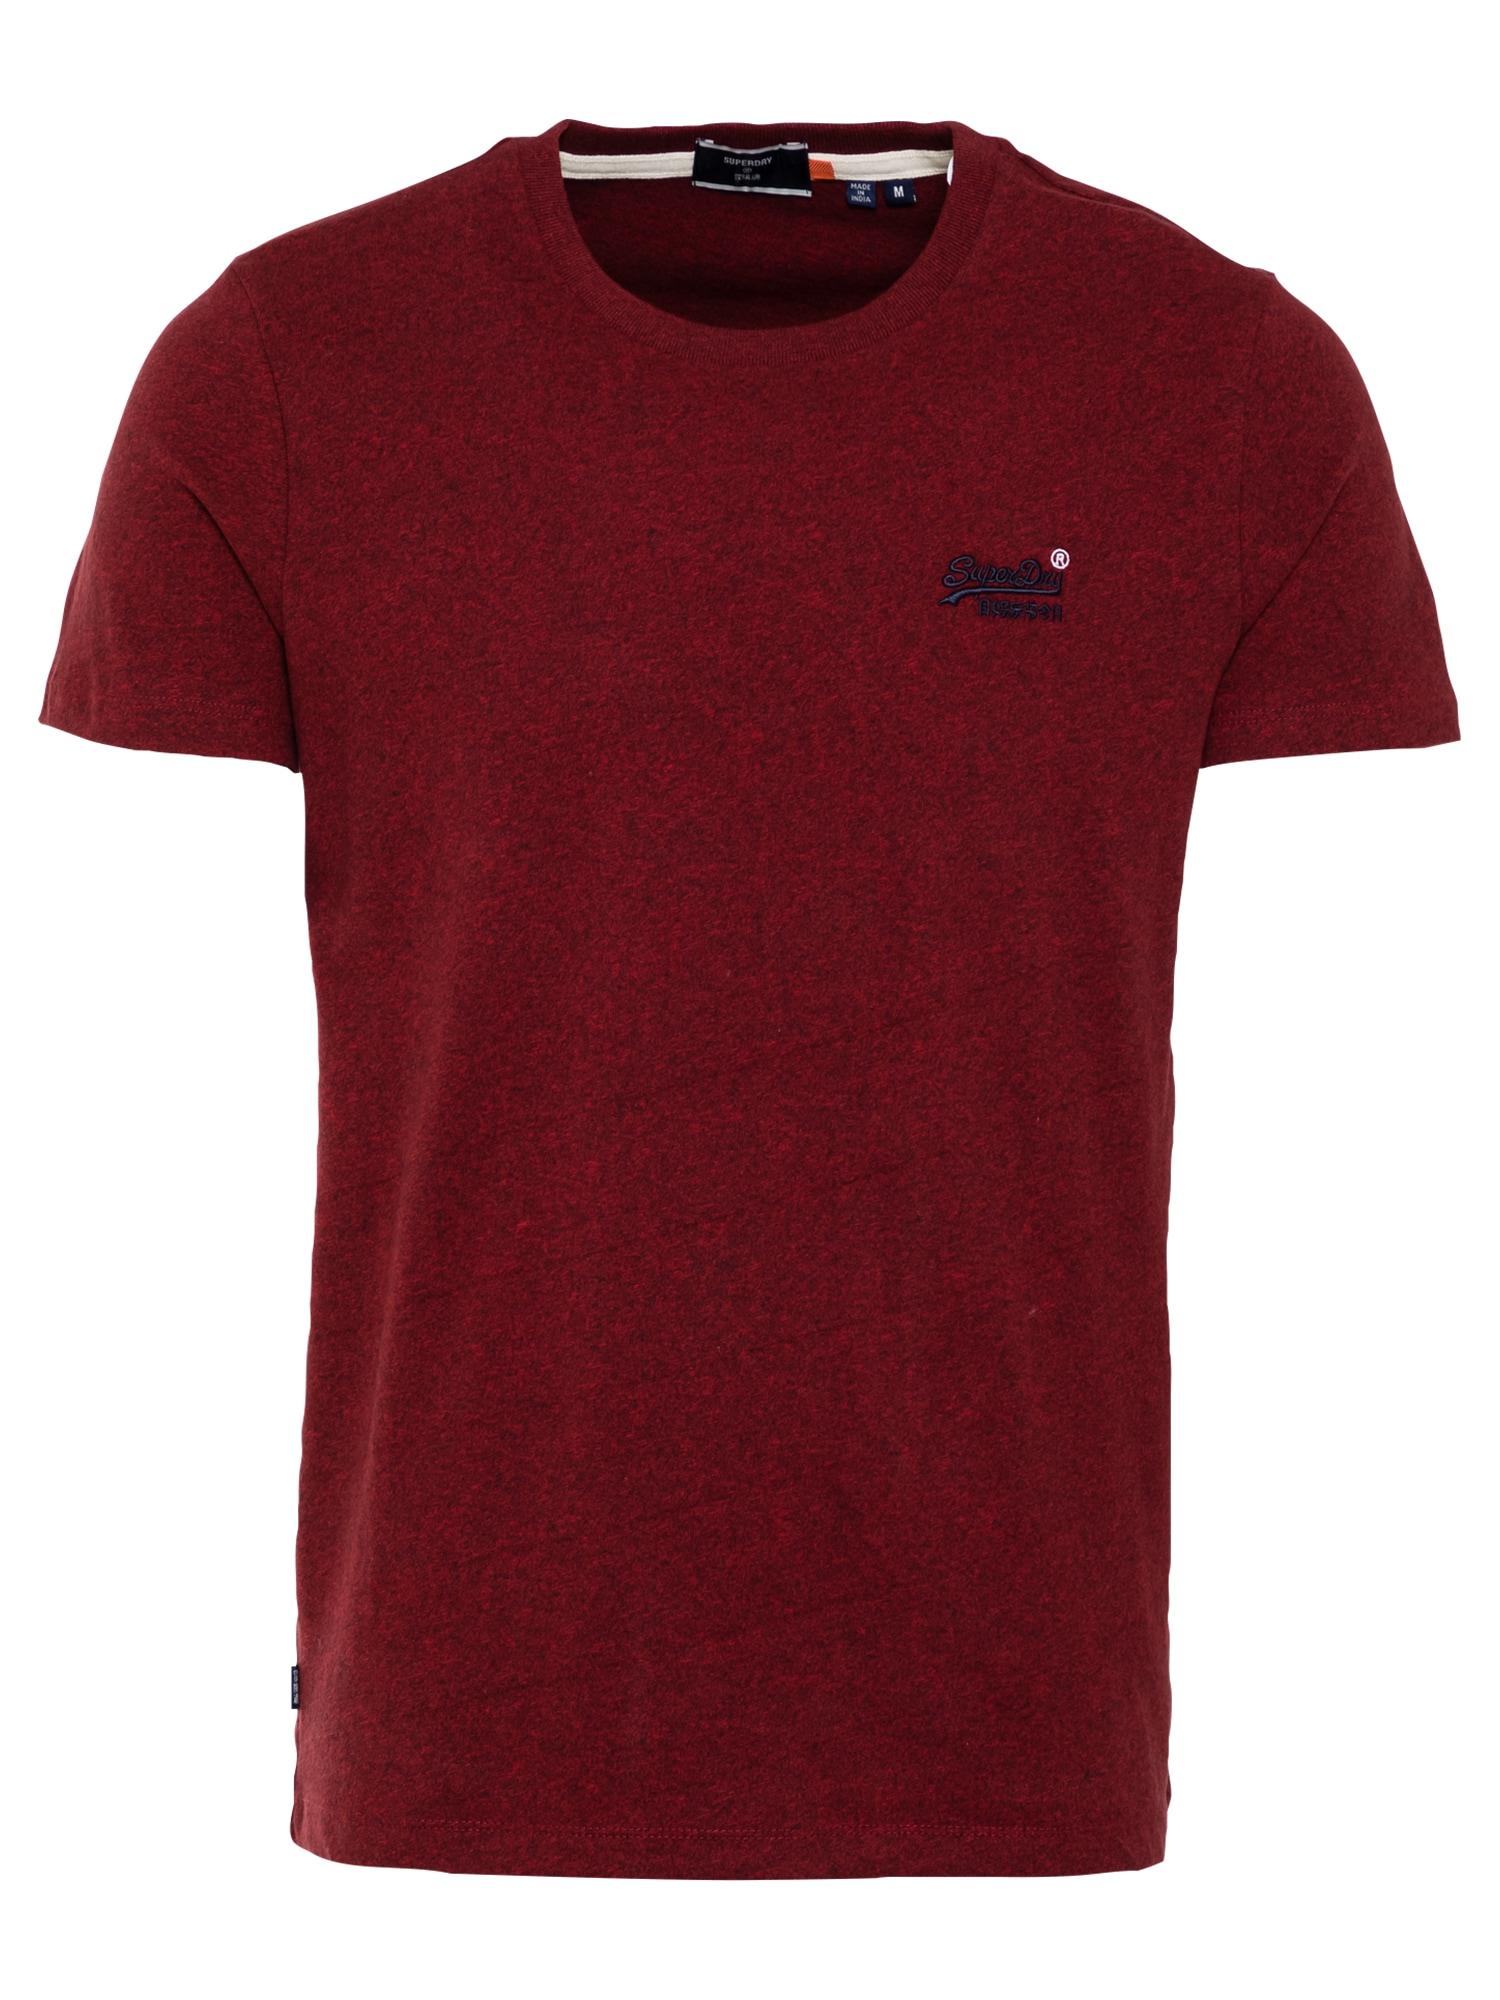 Superdry Marškinėliai 'Vintage' tamsiai raudona